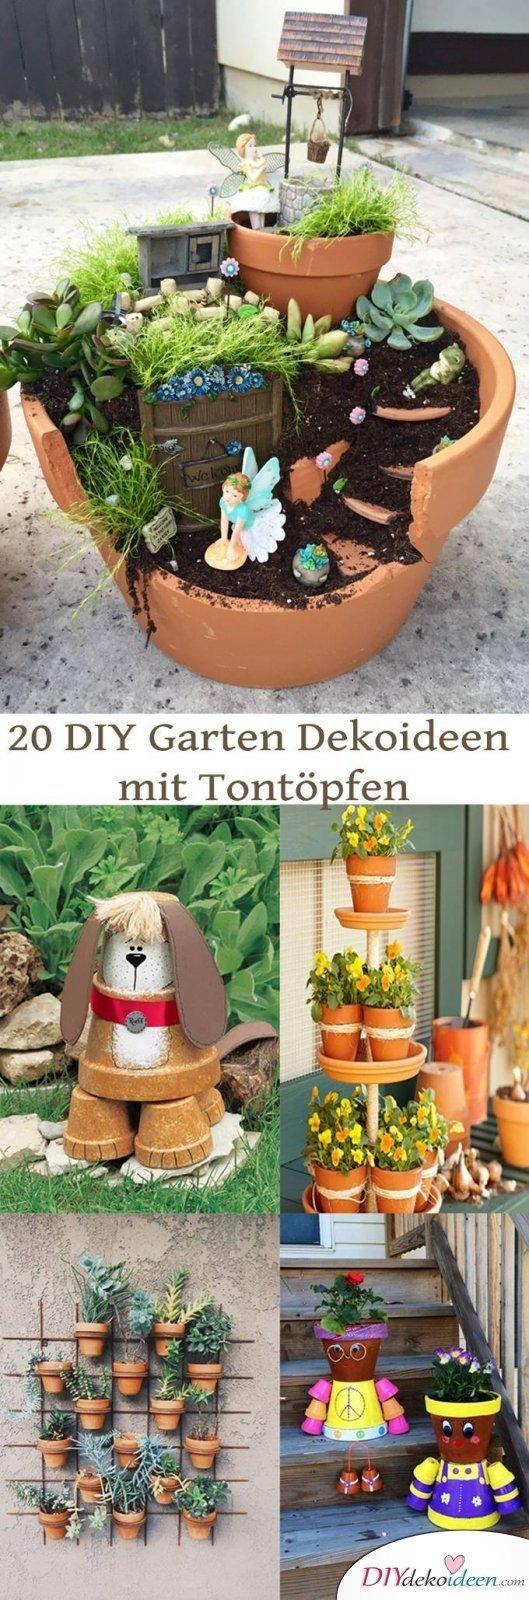 Diy Garten Dekoideen Mit Tontöpfen, Die Man Ganz Leicht Selber ... Gartendeko Tontopfen Selber Machen